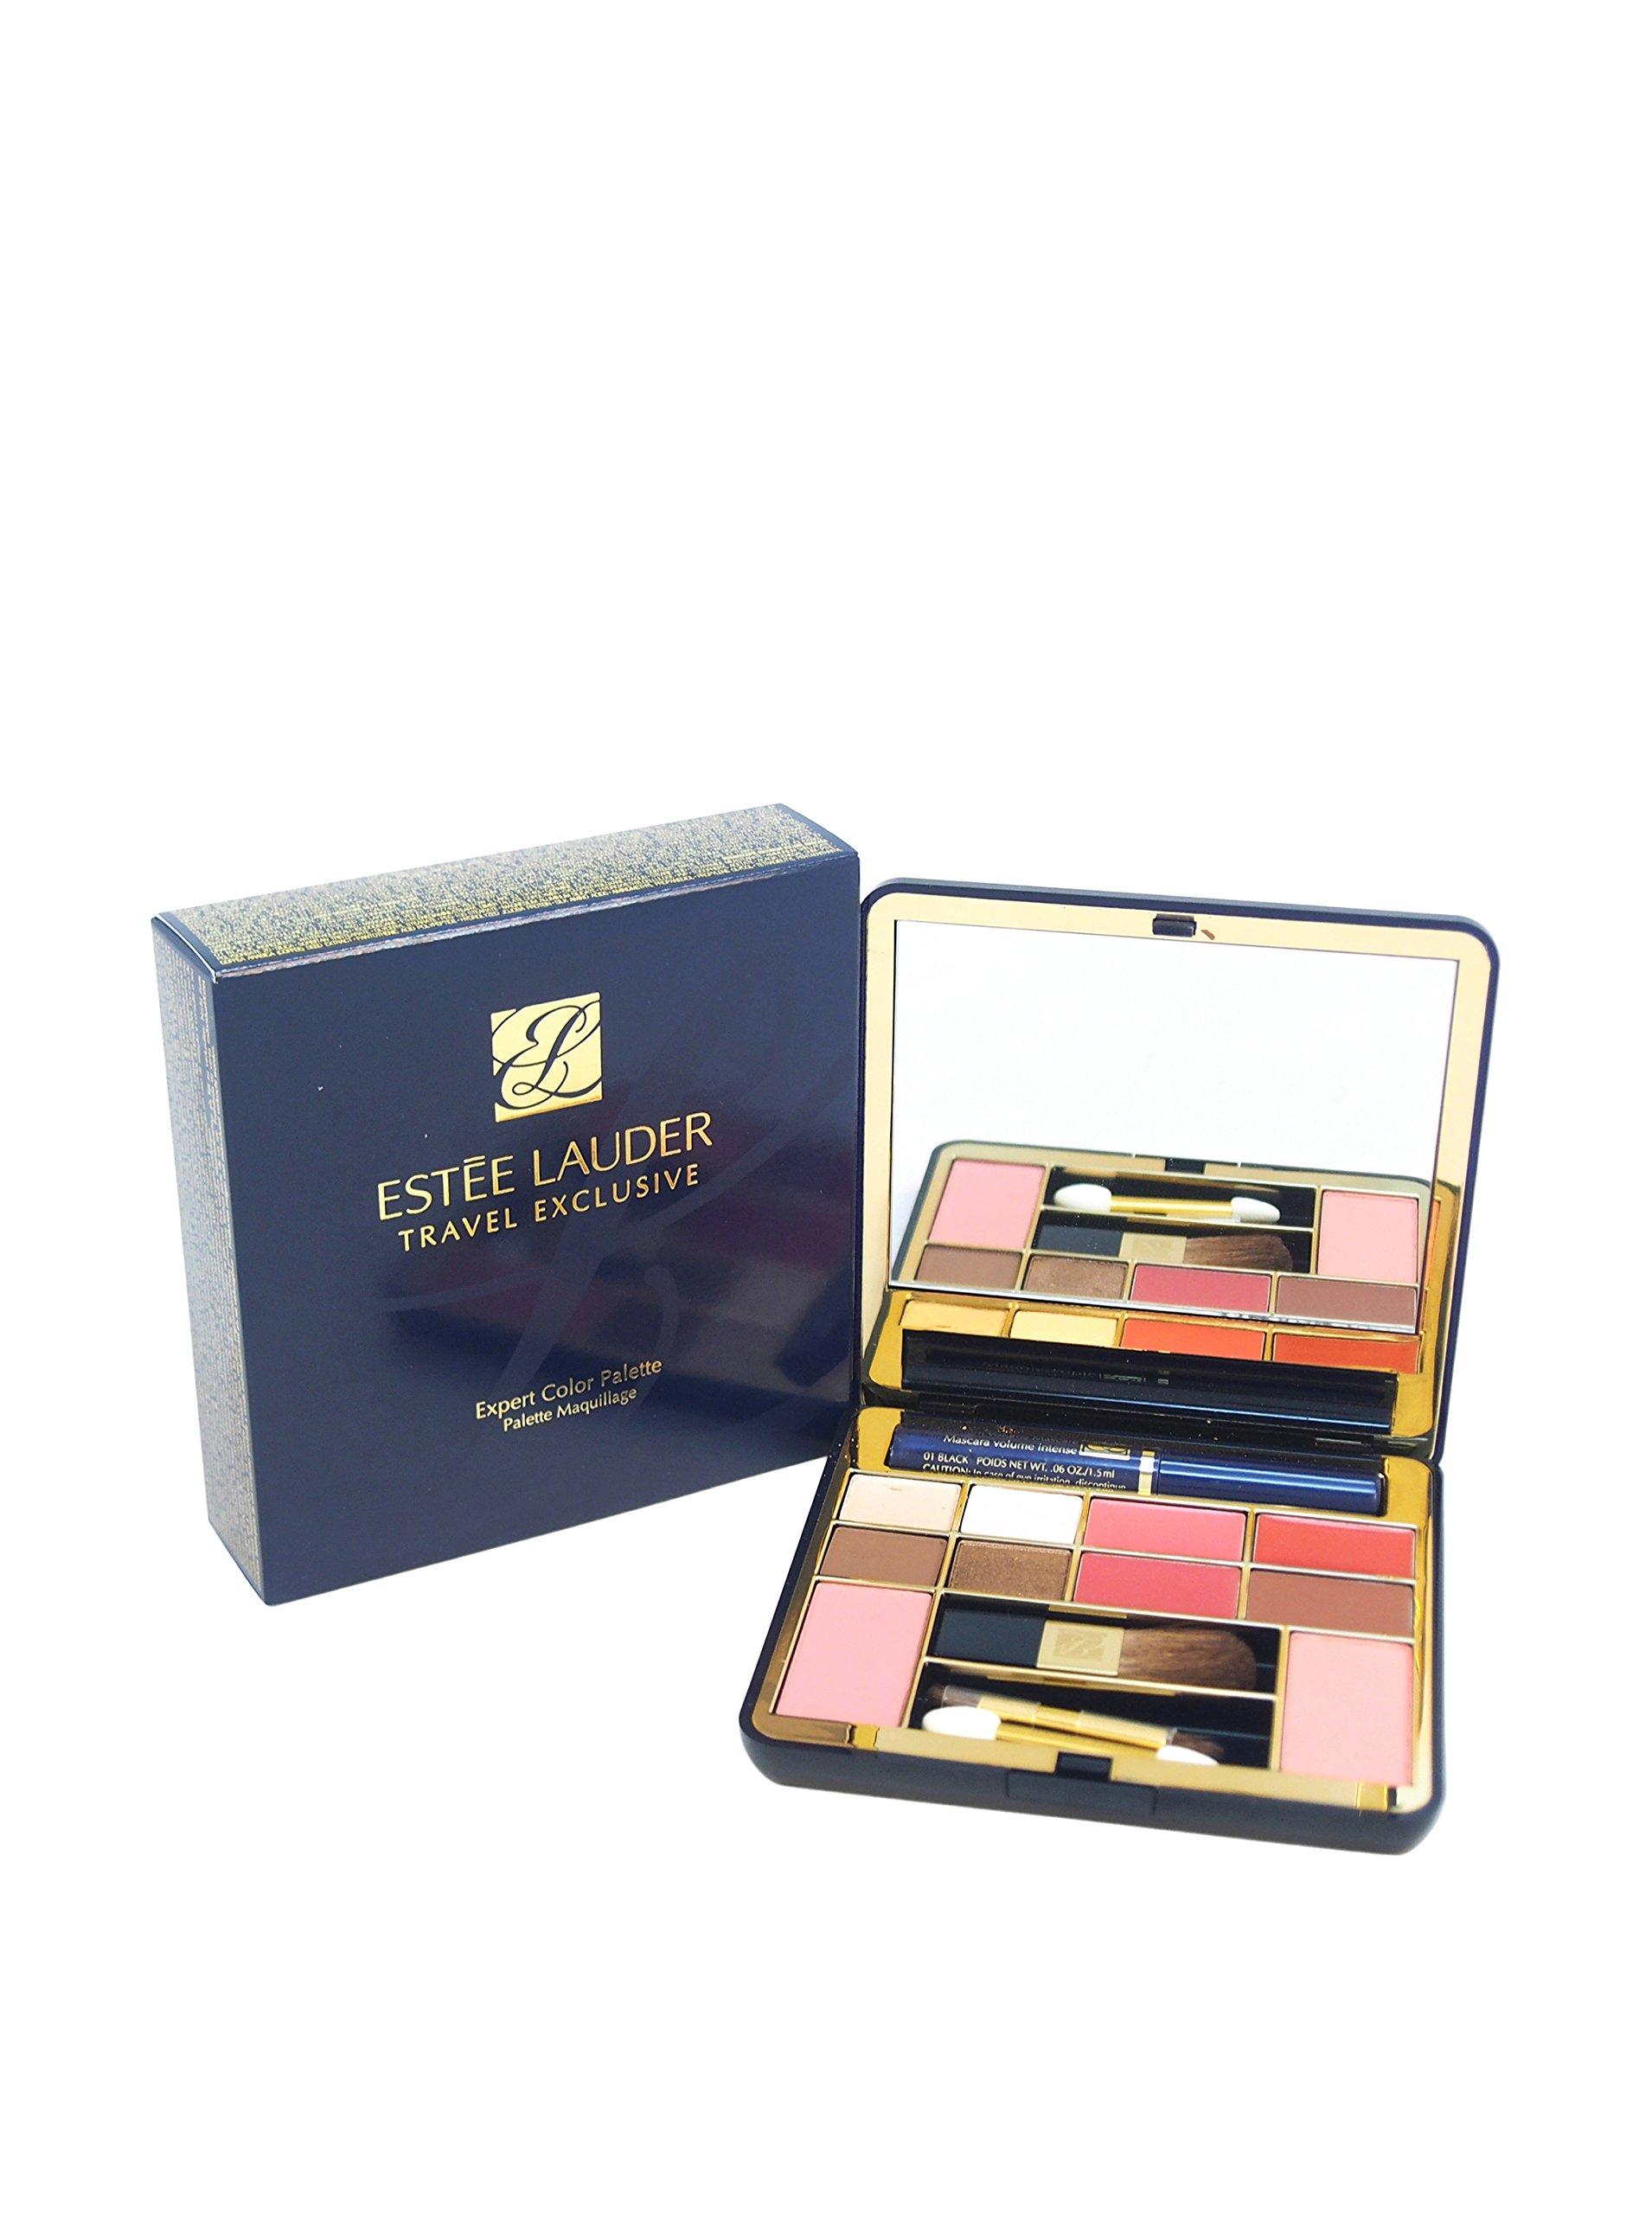 Estee Lauder Expert Color Palette for Women